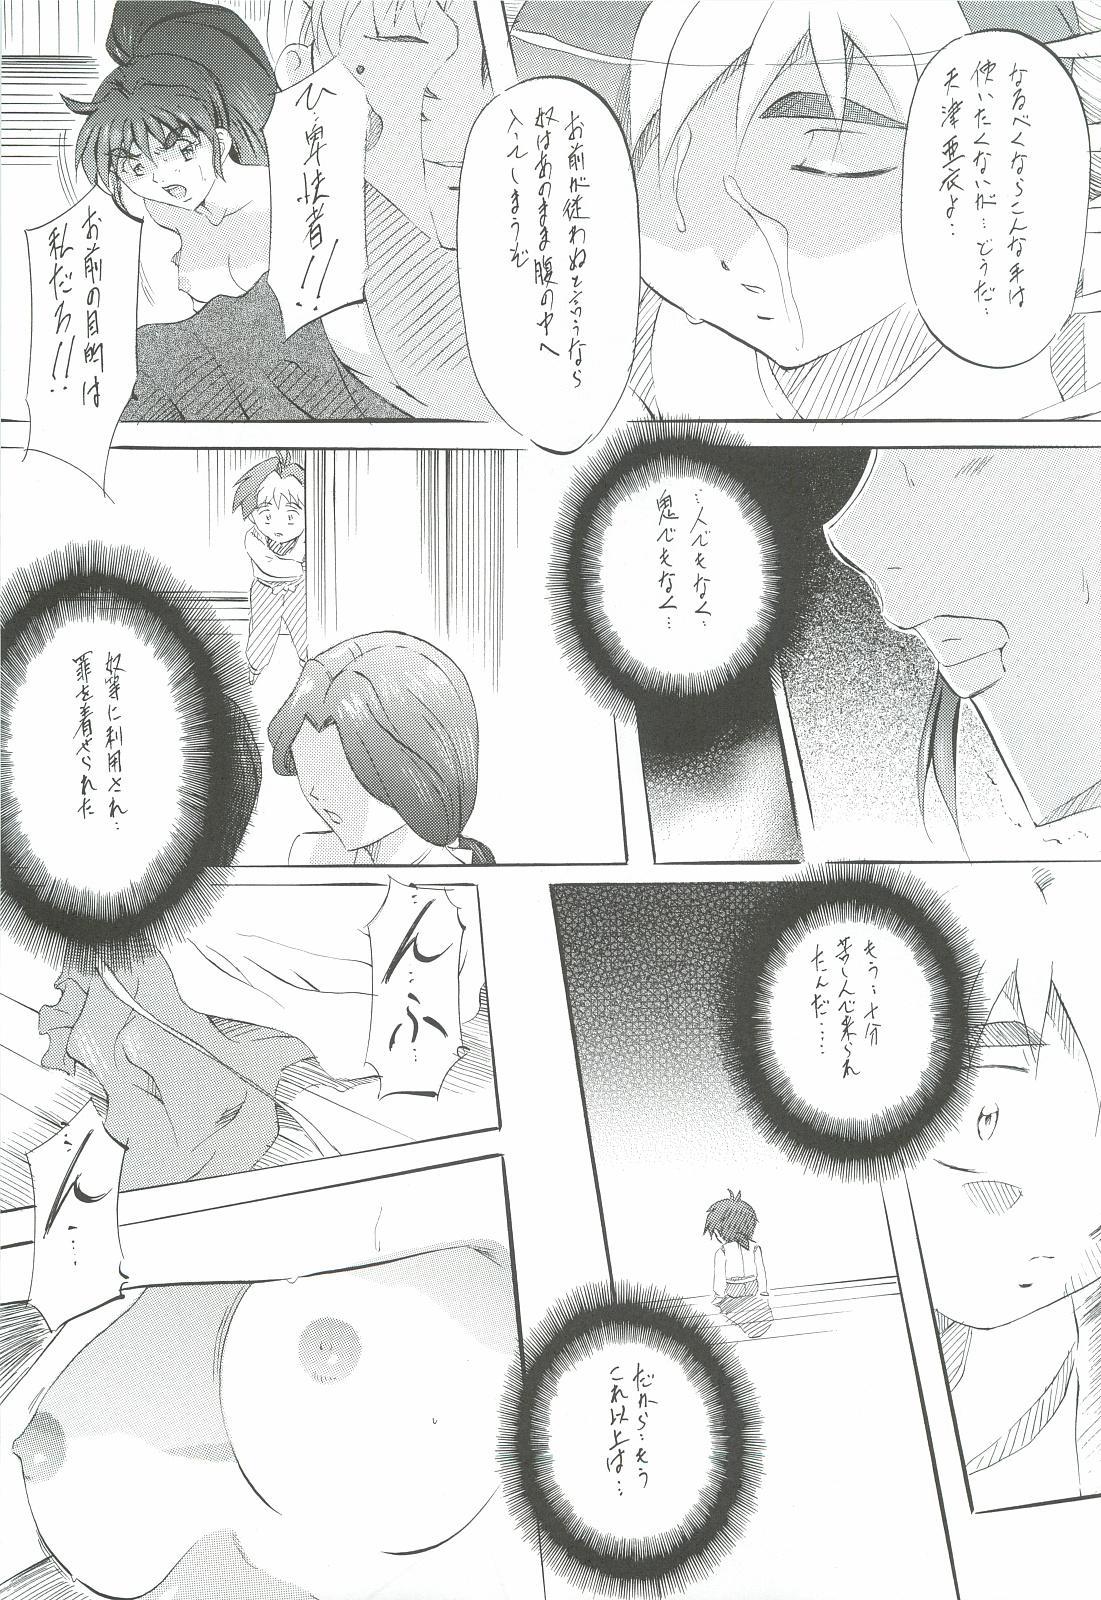 Ai & Mai Gaiden - Kishin Fukkatsu no Shou 63